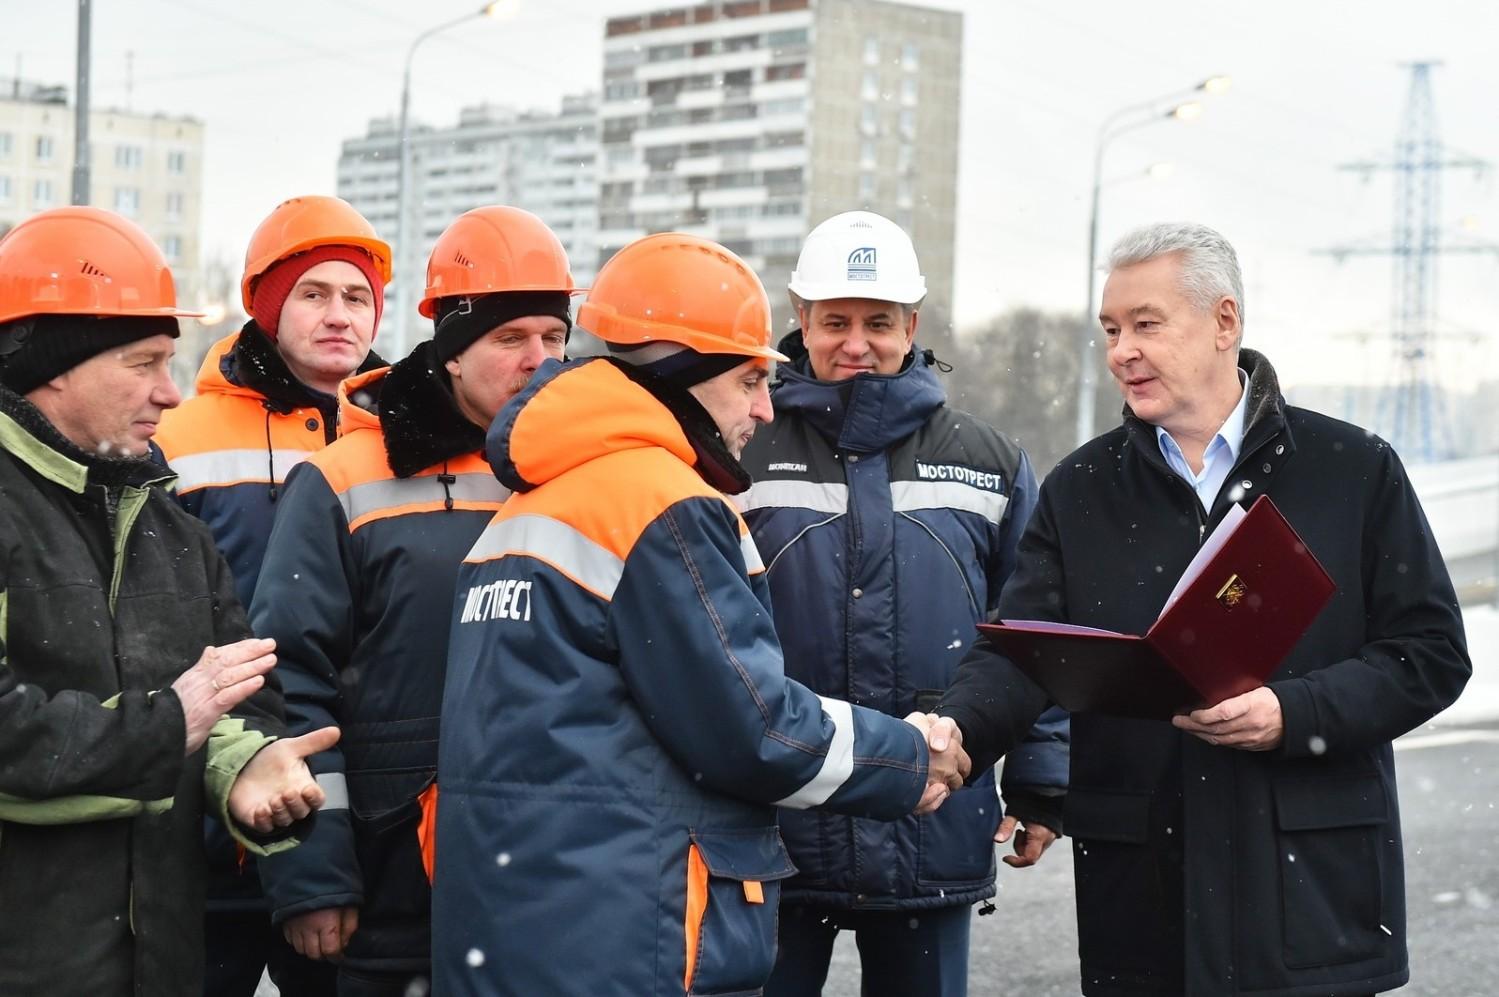 Сергей Собянин на открытии участка. Фото: stroi.mos.ru